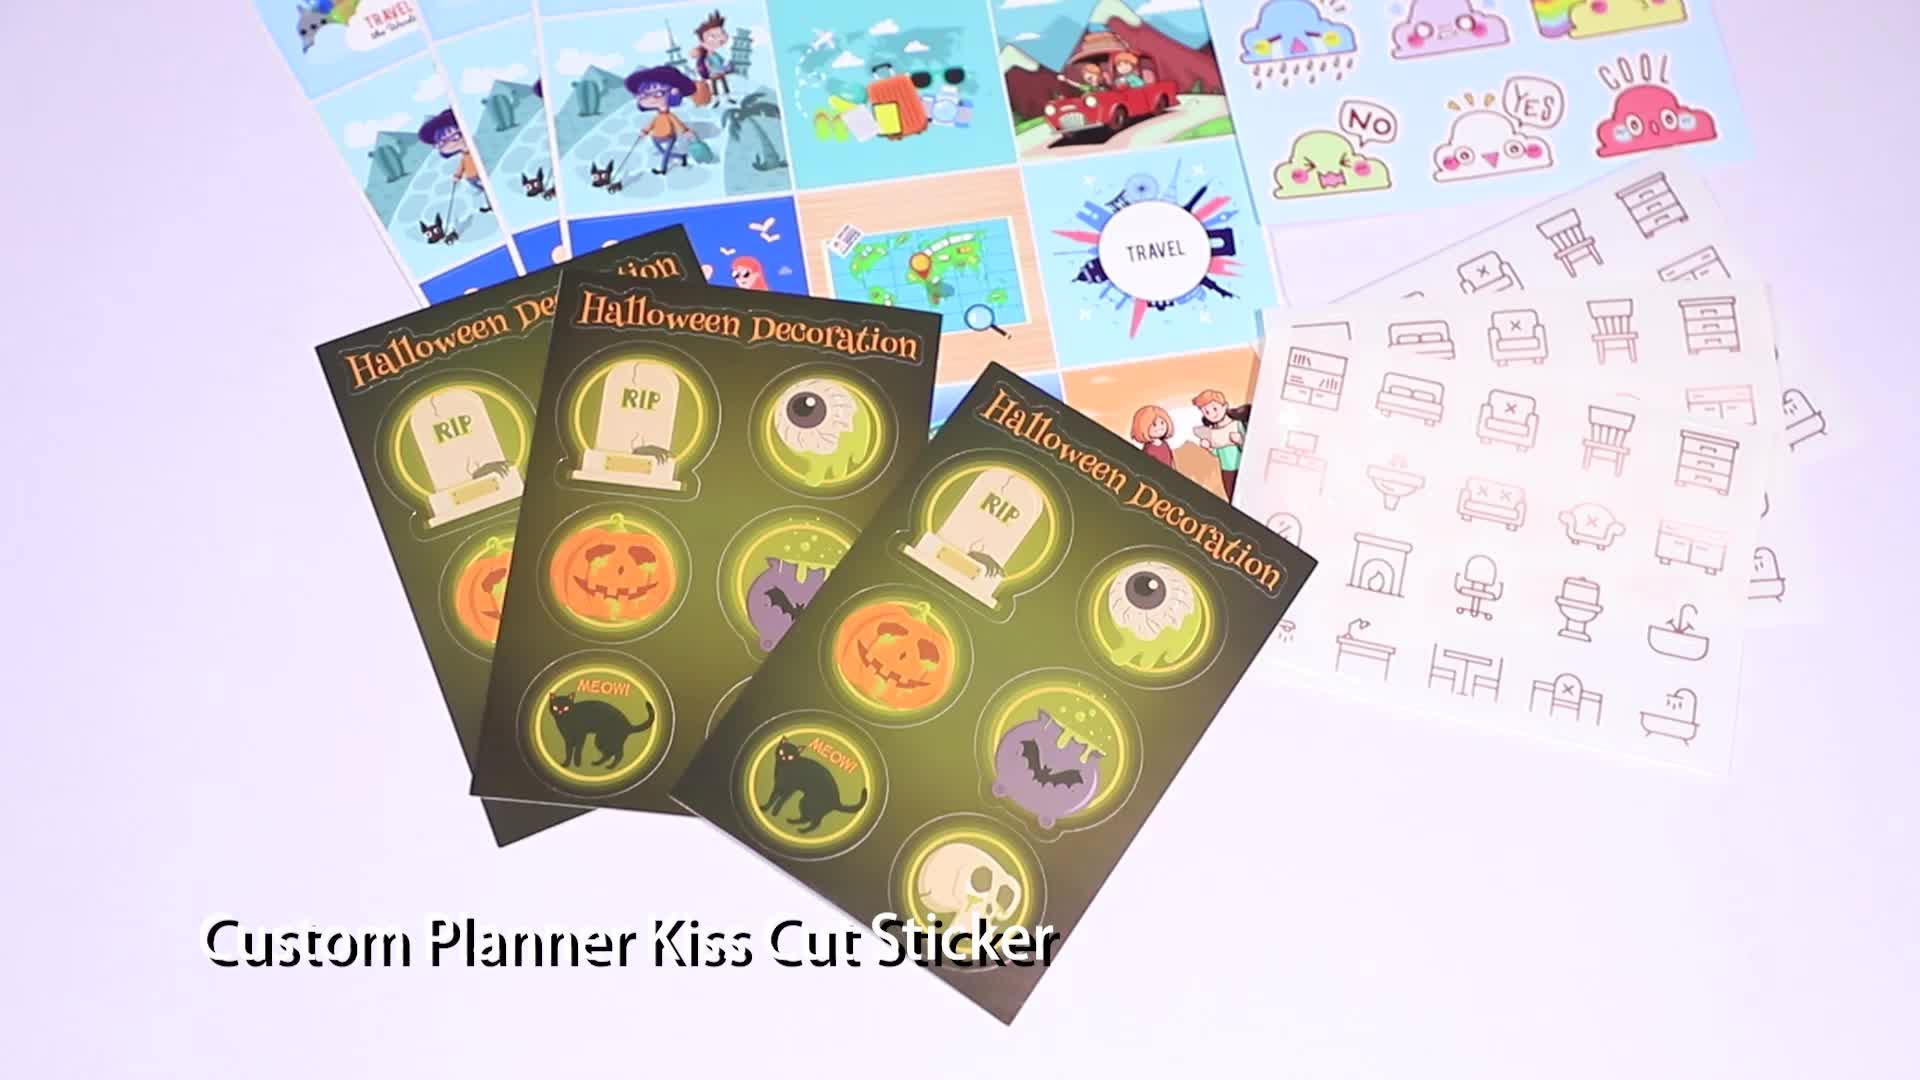 Custom Design Adhesive Aufkleber Benutzerdefinierte Blatt Kuss Cut Aufkleber Für Planer